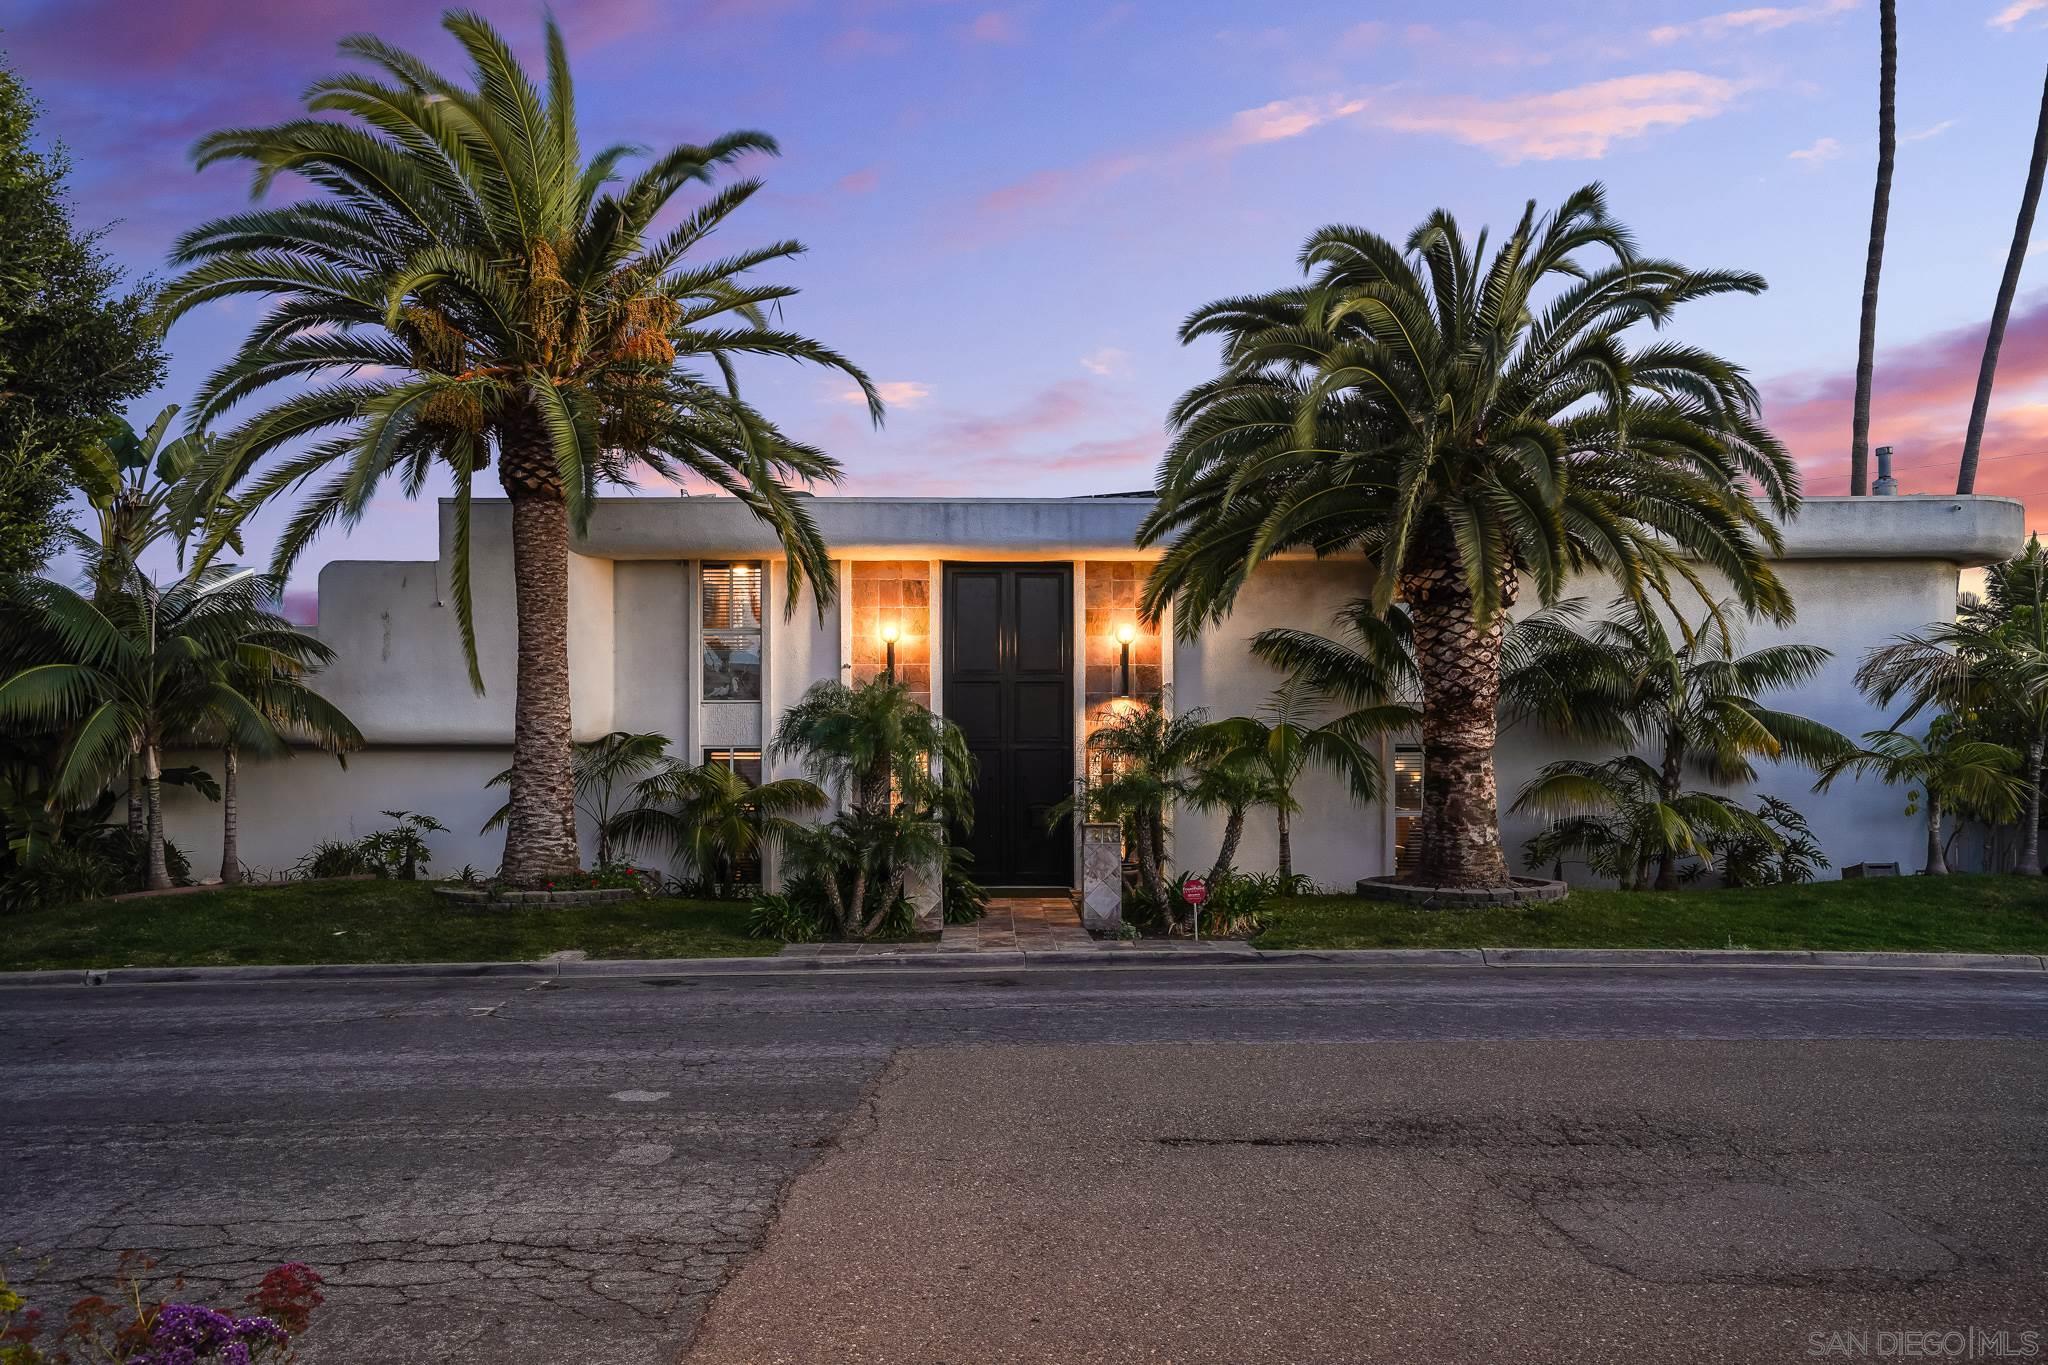 2359 Wilbur Ave, San Diego, CA 92109